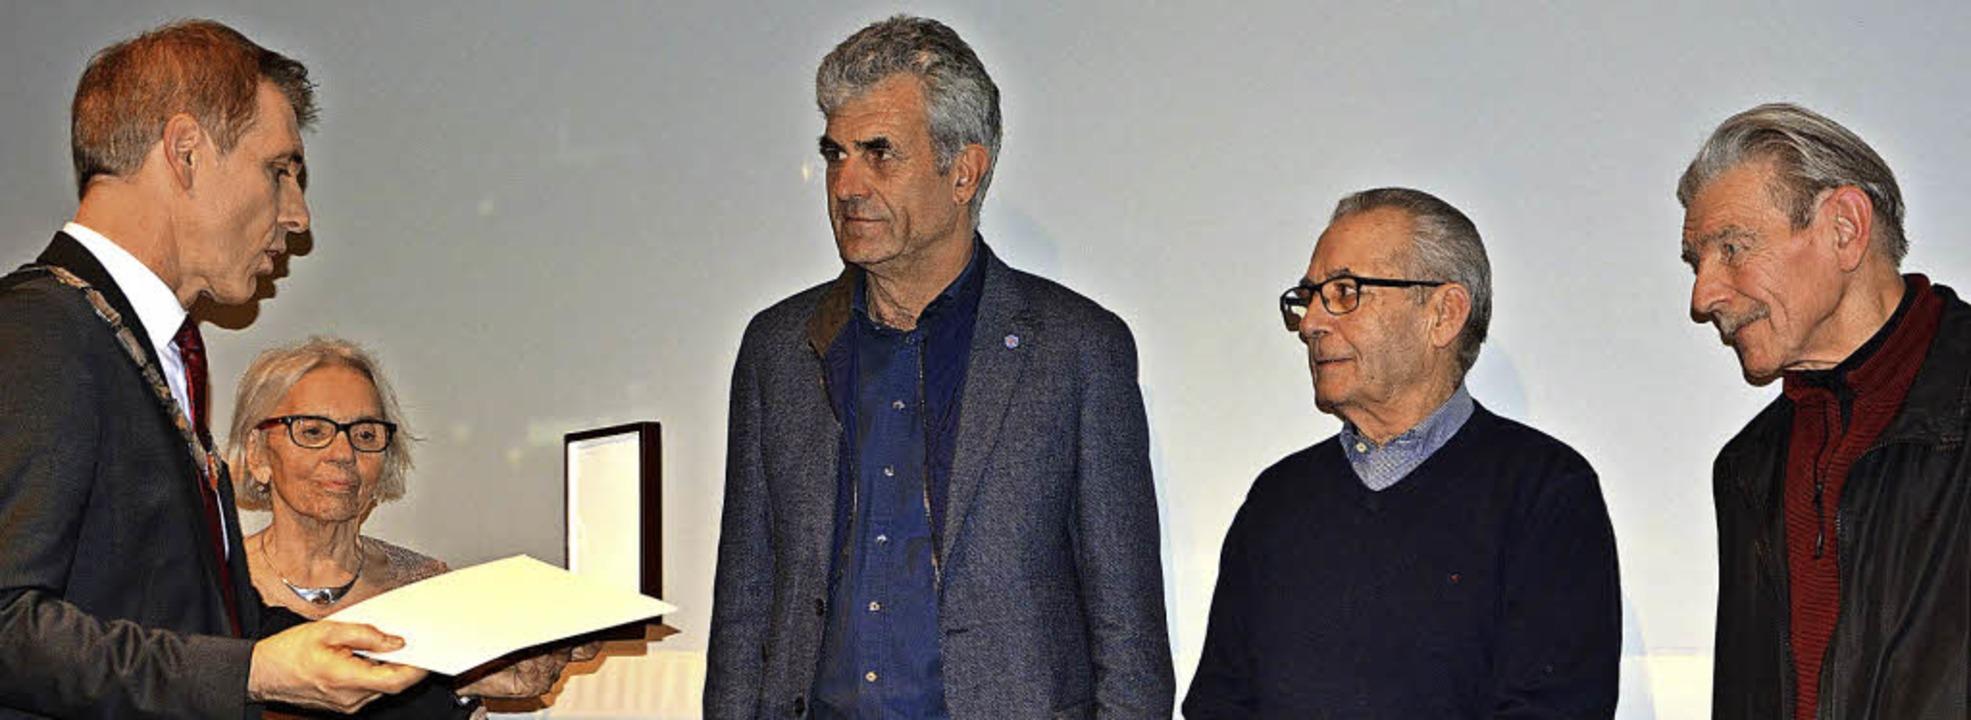 Oberbürgermeister Jörg Lutz (links) ze...der Mitte ihr Laudator Helmut Ressel.   | Foto: Barbara Ruda